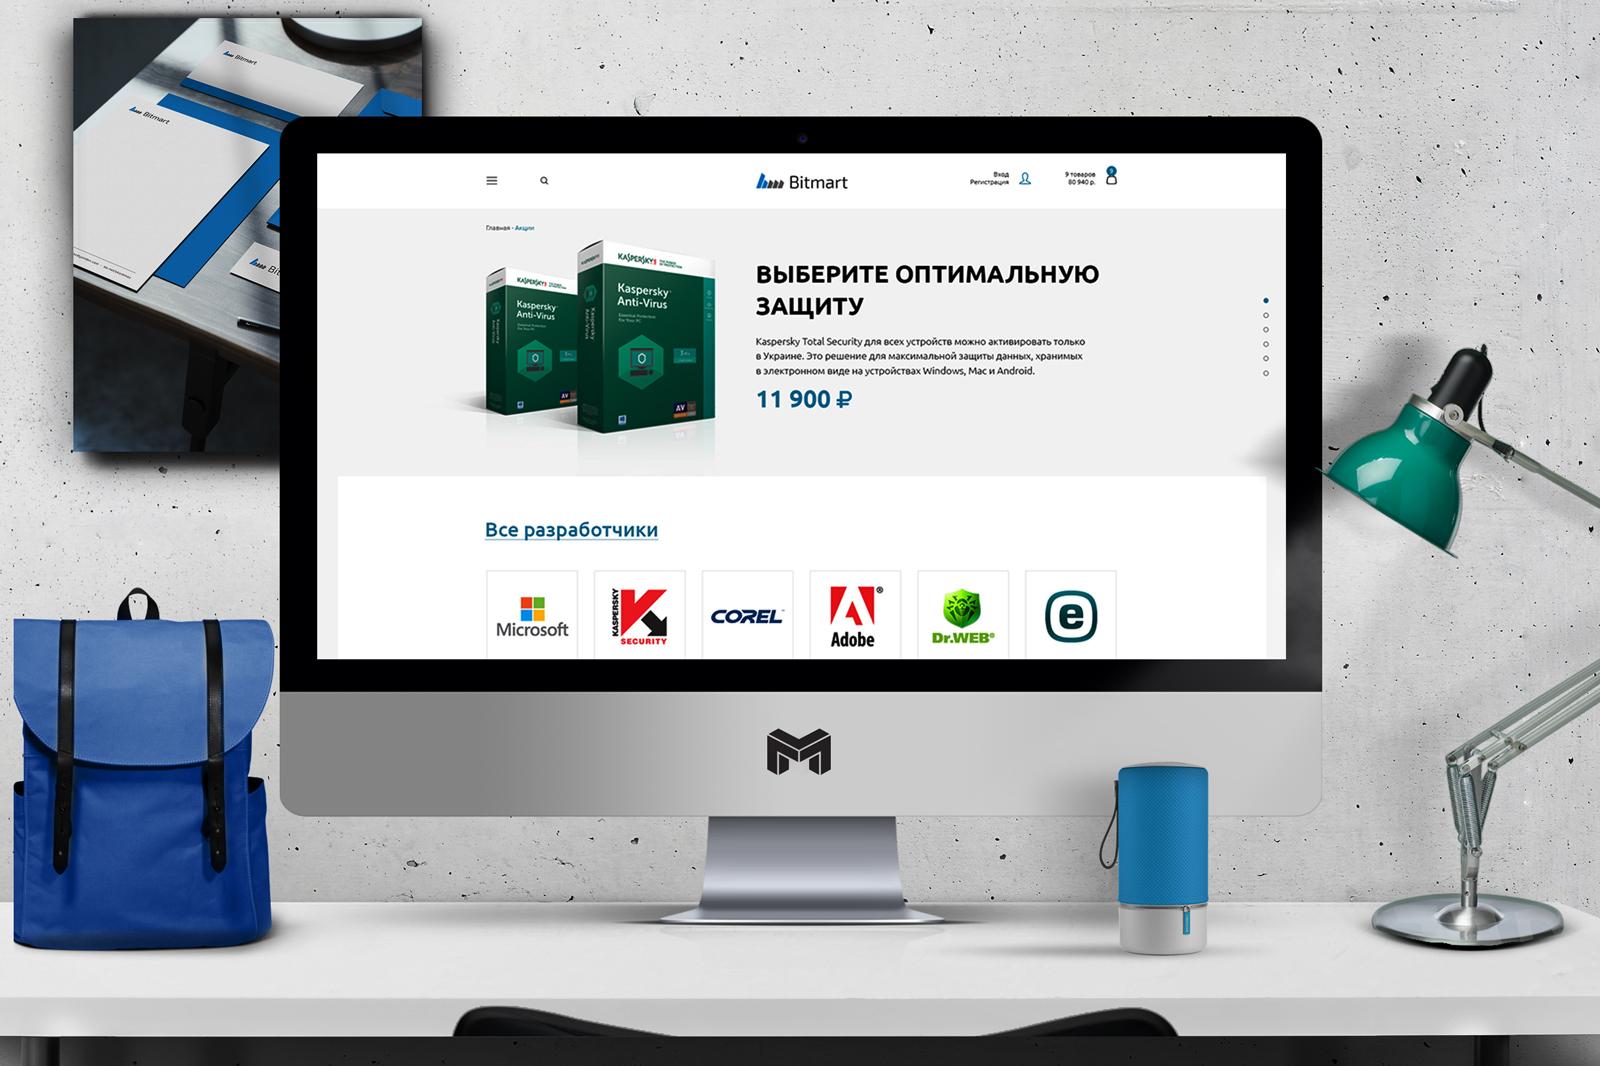 Разработка Интернет-Магазина Для Продажи Цифровых Товаров